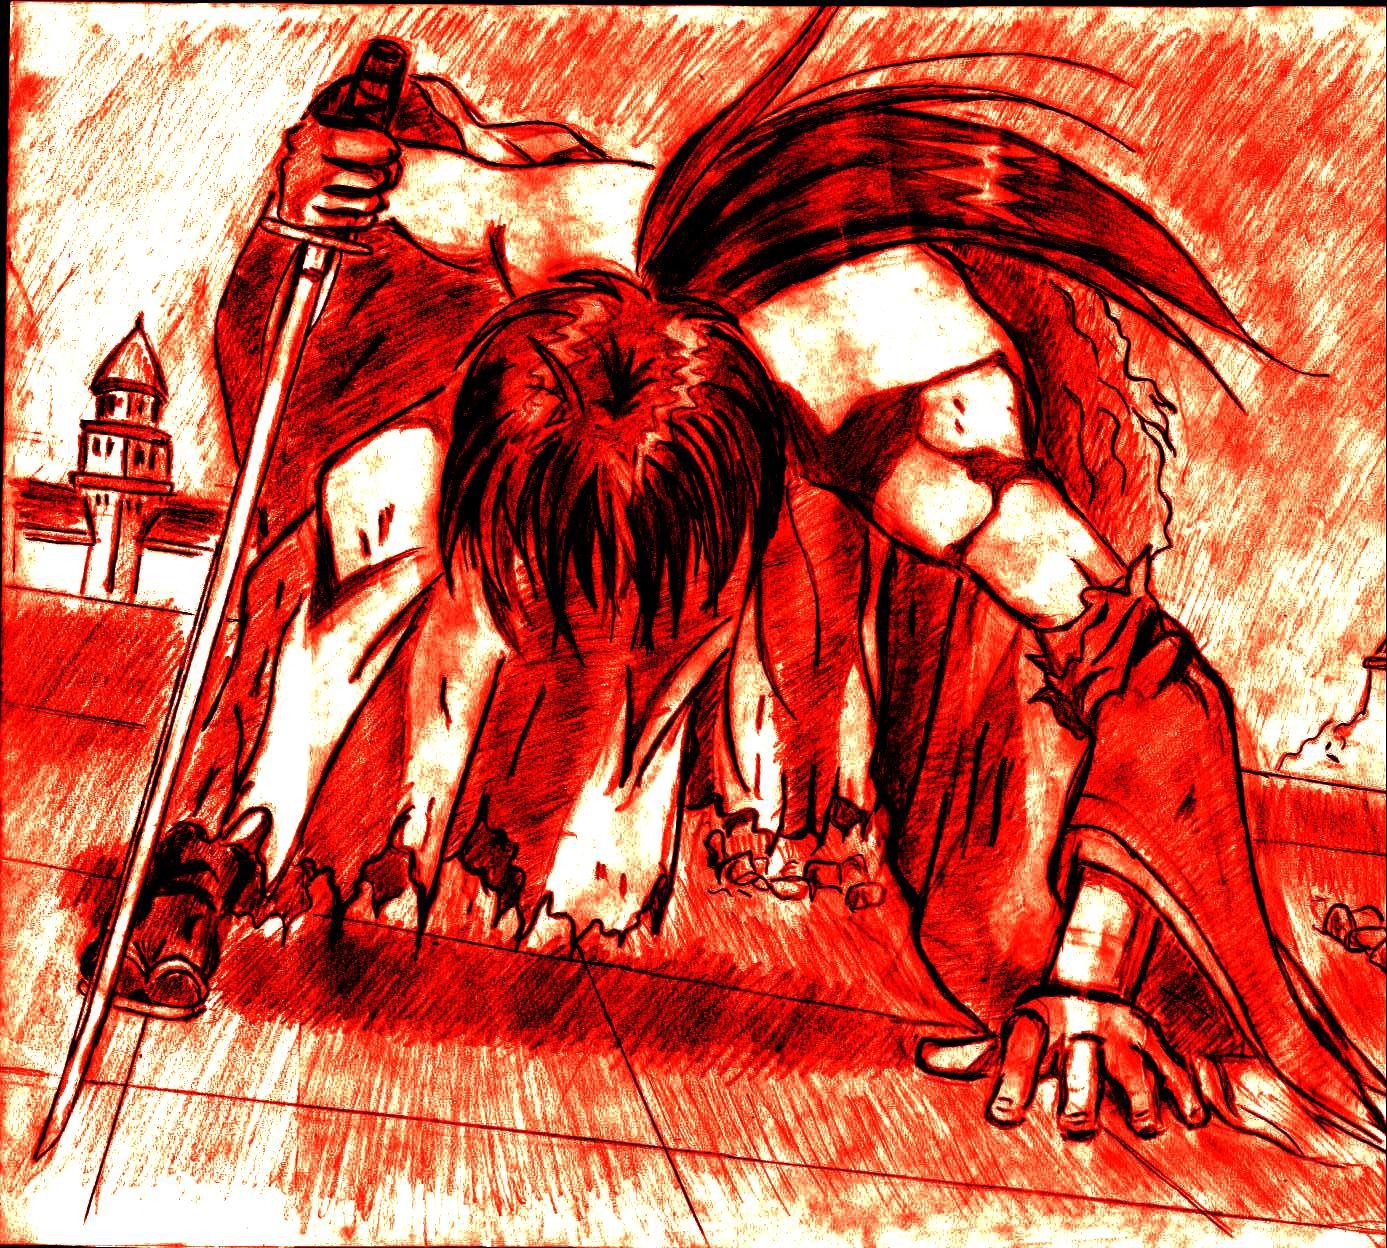 Rurouni Kenshin: Struggle